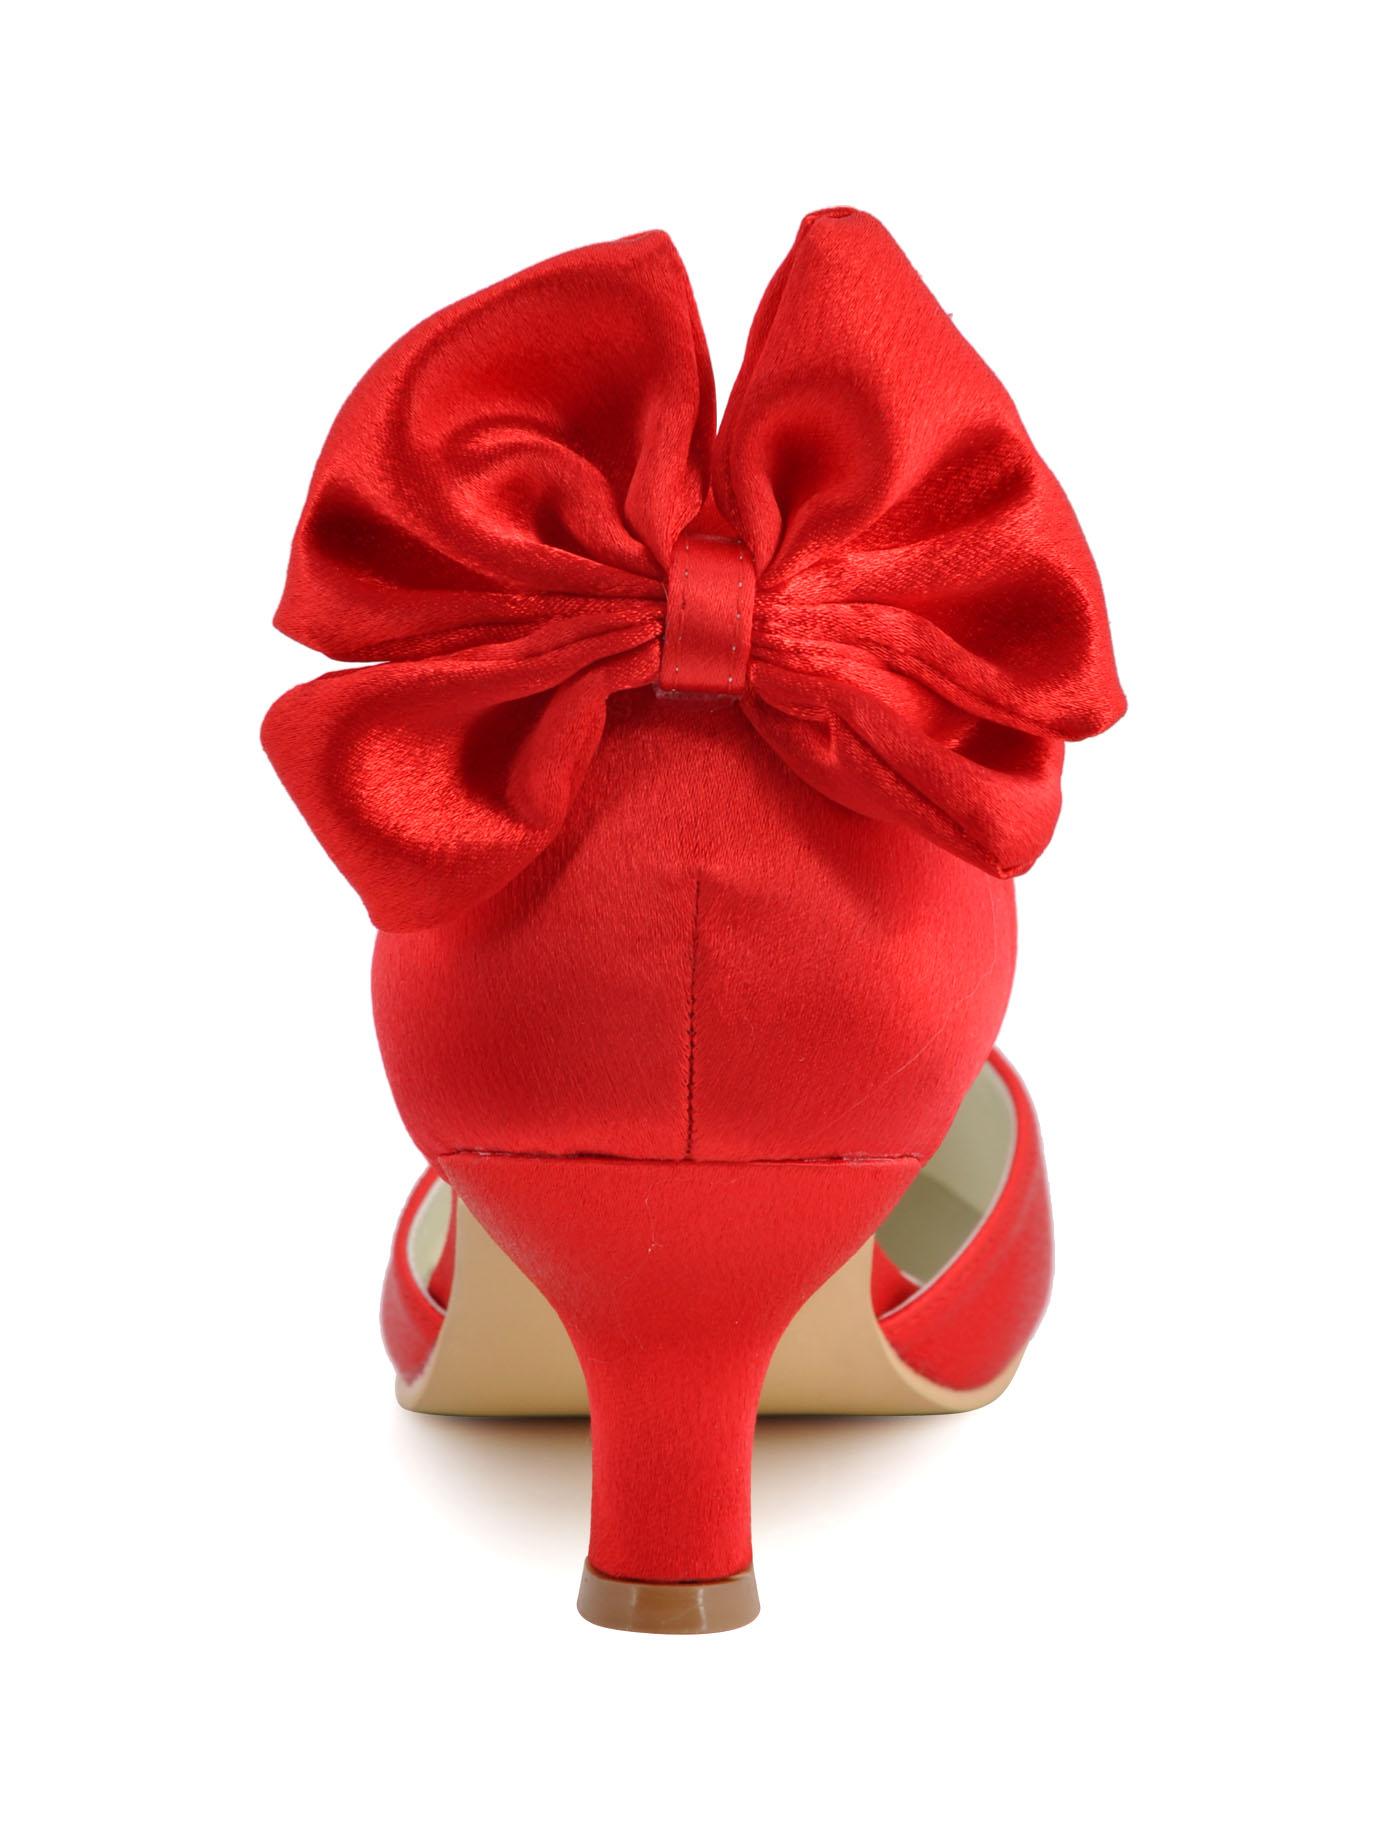 ... Chaussures Noeud Mariage A Talons Hauts En Satin Avec Anneau De Pied